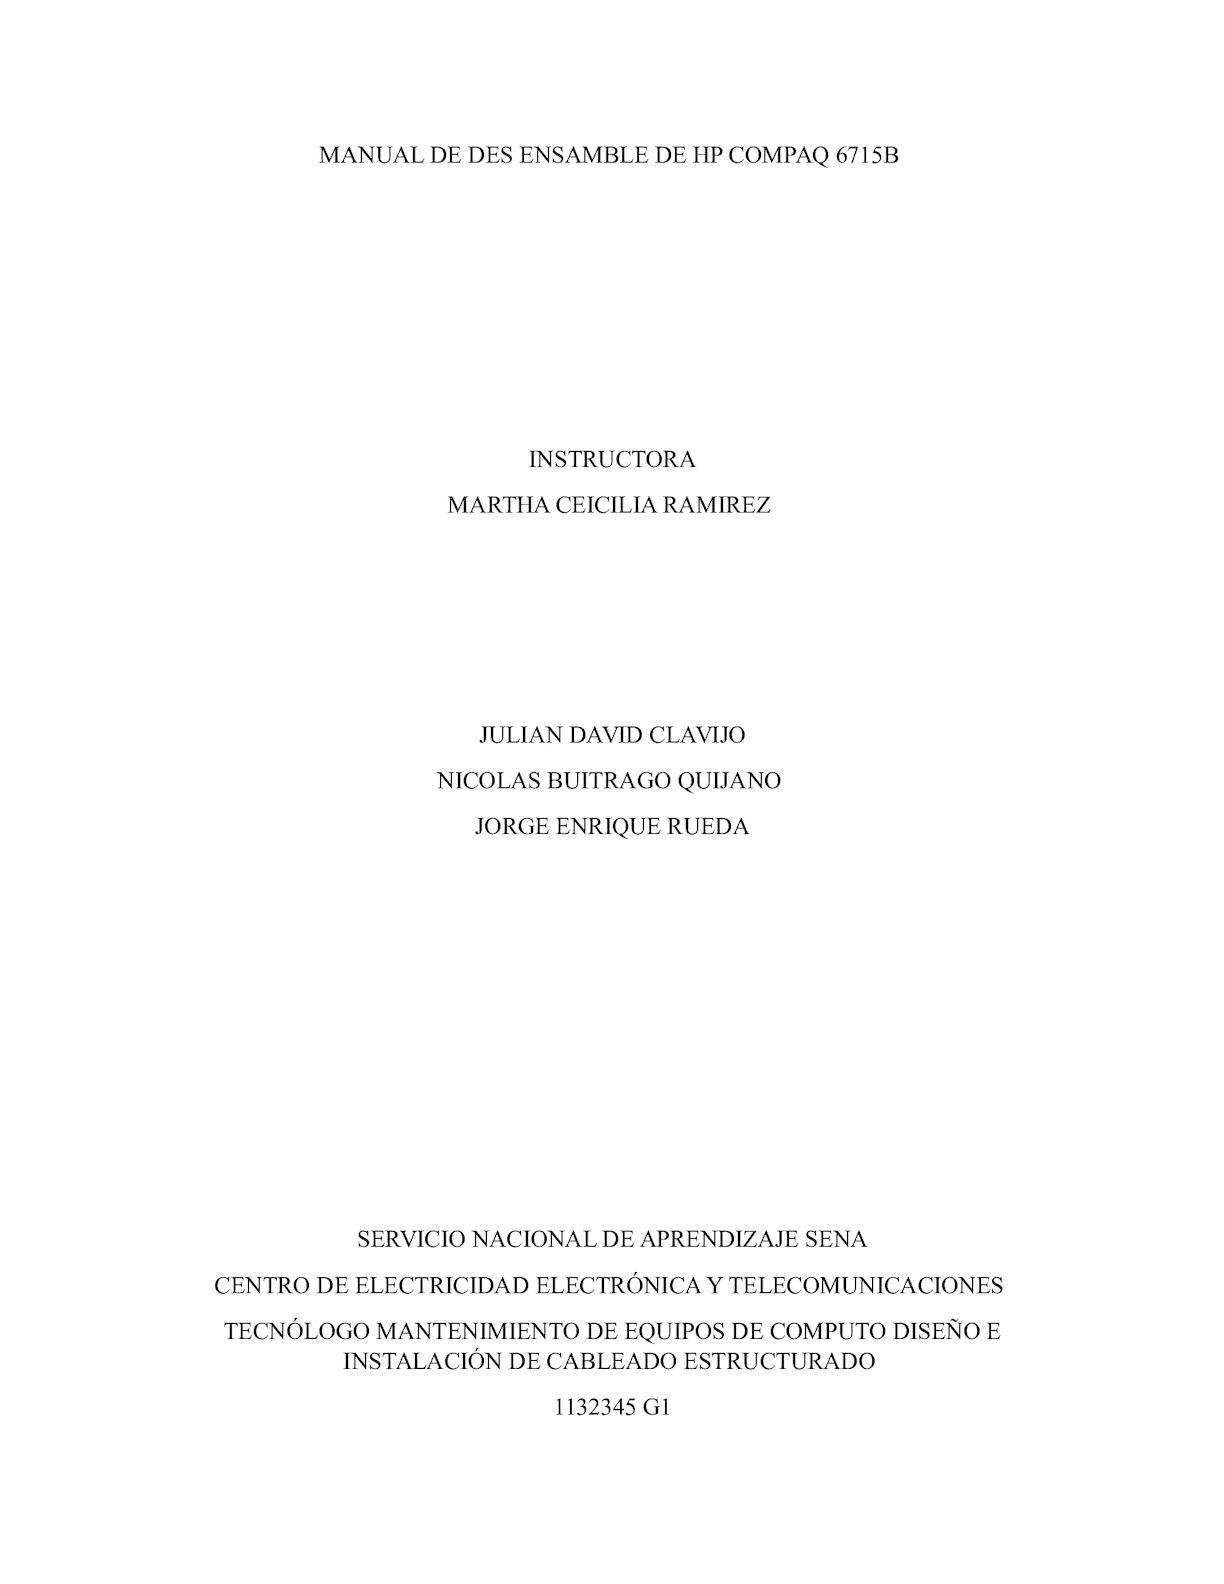 Manual Desensamble Por Jorge Rueda, Julian Clavijo, Nicolas Buitrago